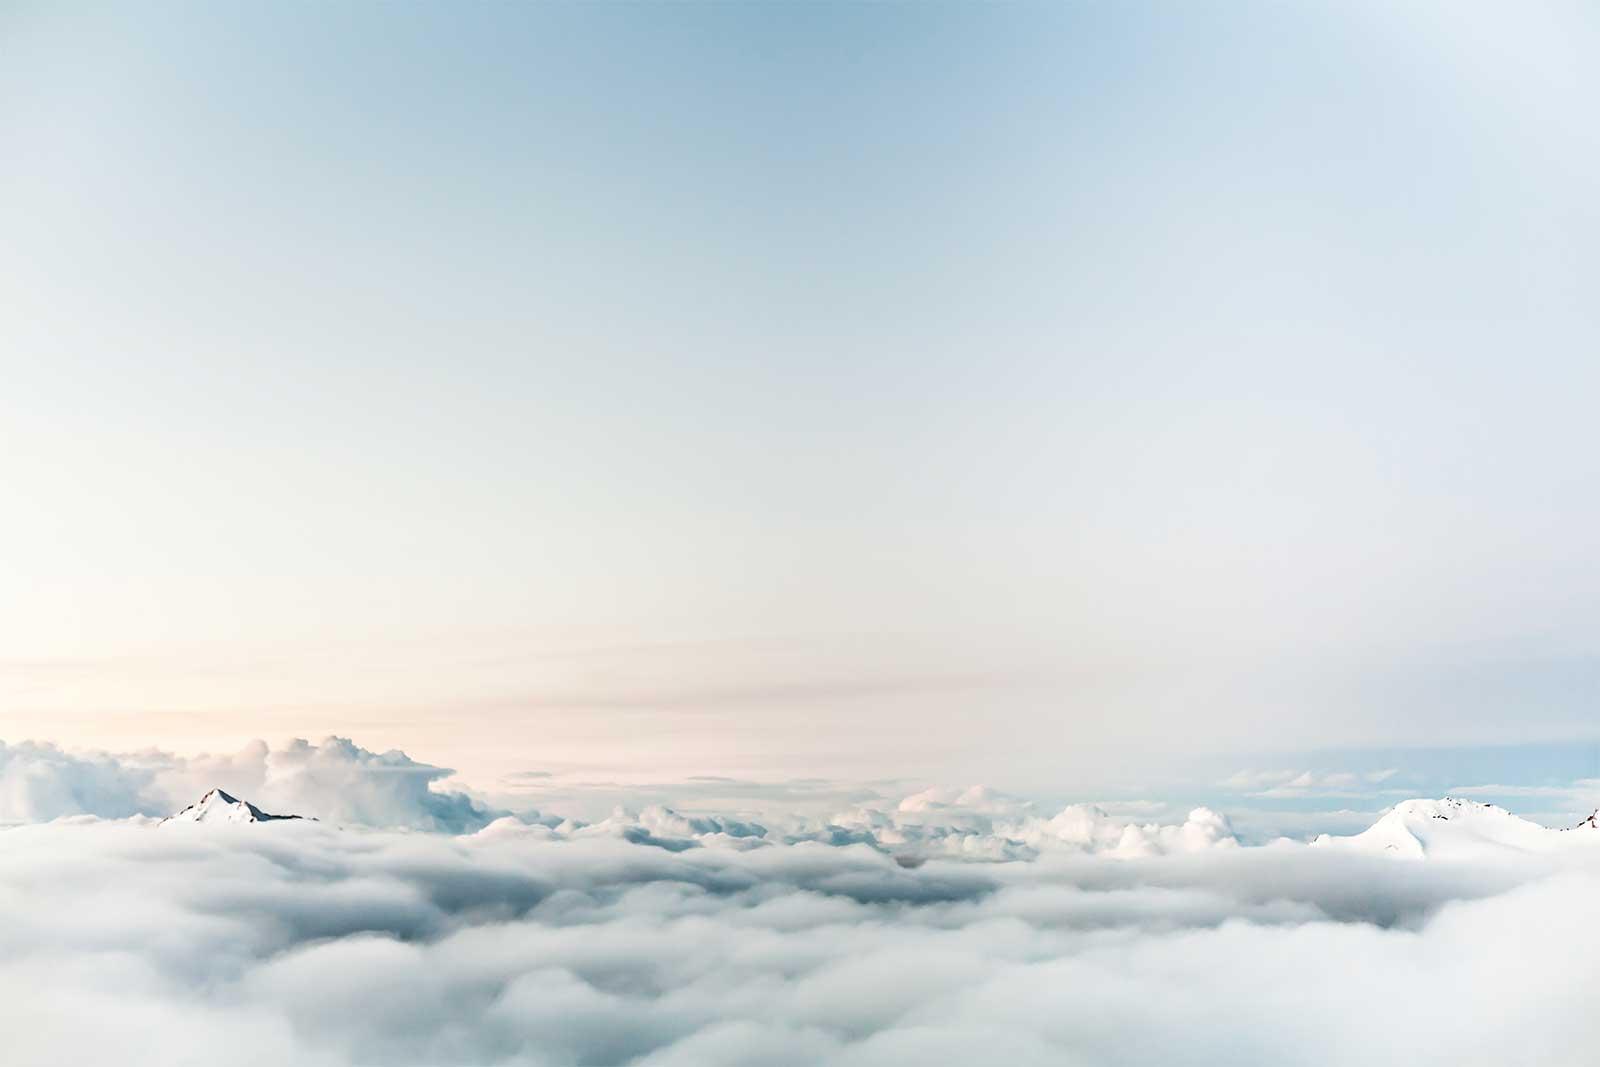 Kas olete valmis oma äritegevuse uuteks kõrgusteks?